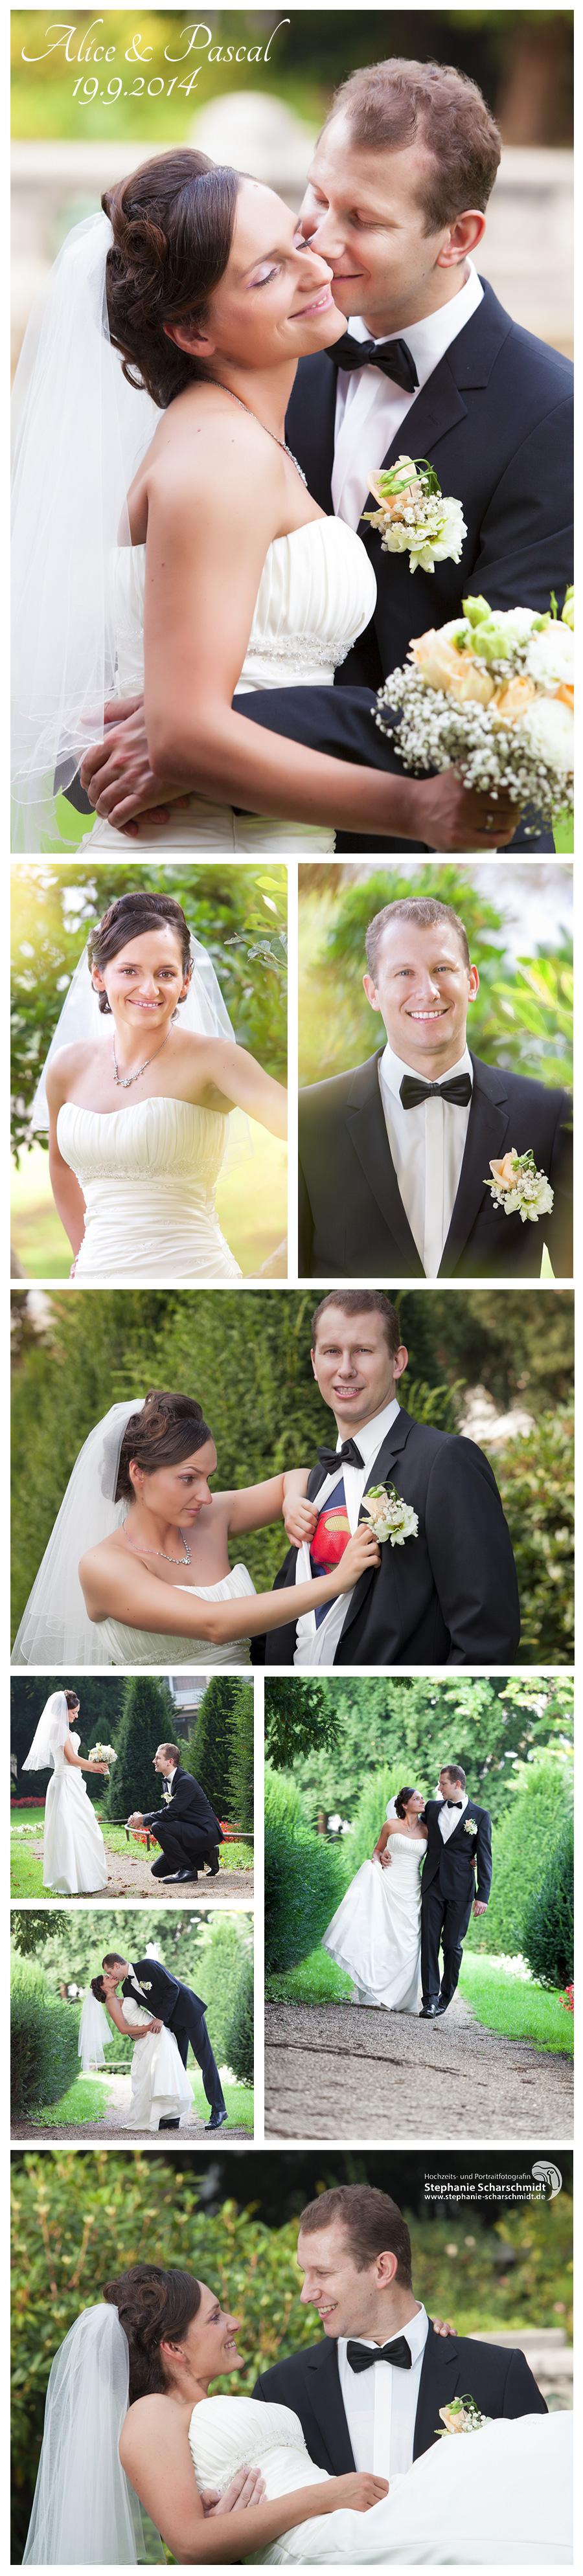 Hochzeitsfotograf Viersen - Hochzeitsfotografin Stephanie Scharschmidt